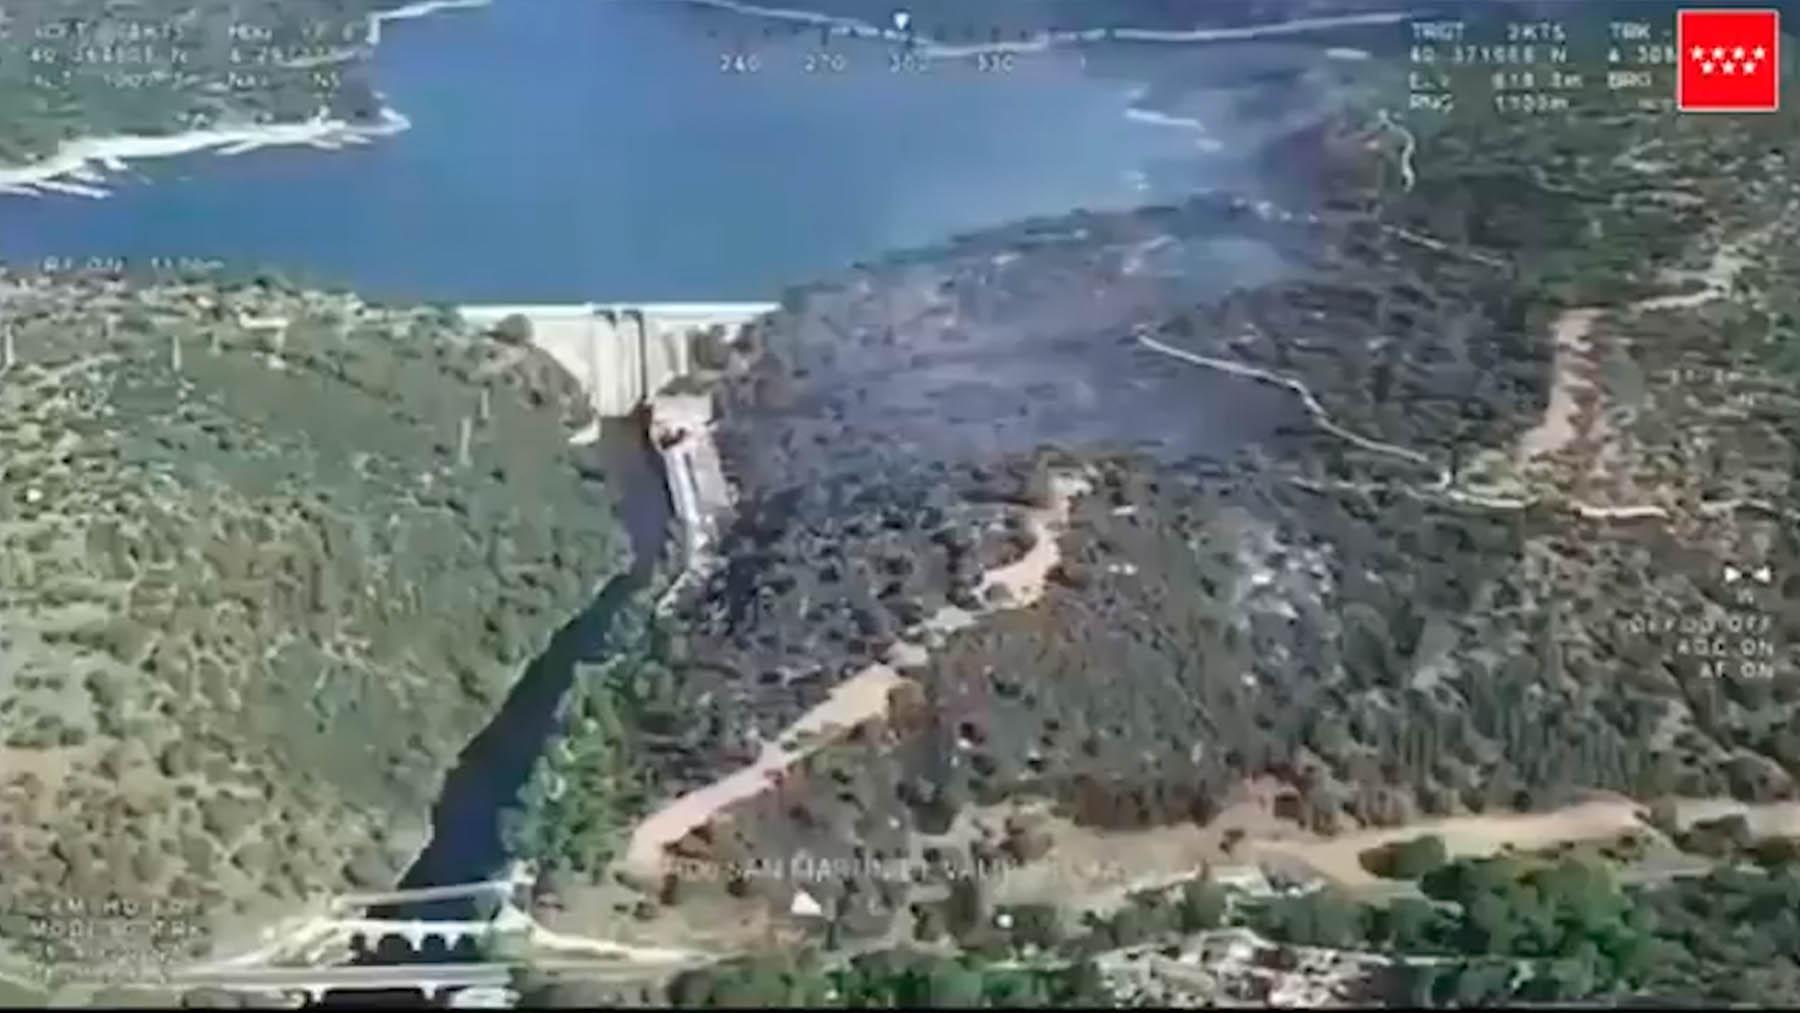 Vista aérea del pantano de San Juan. Imagen Comunidad de Madrid.